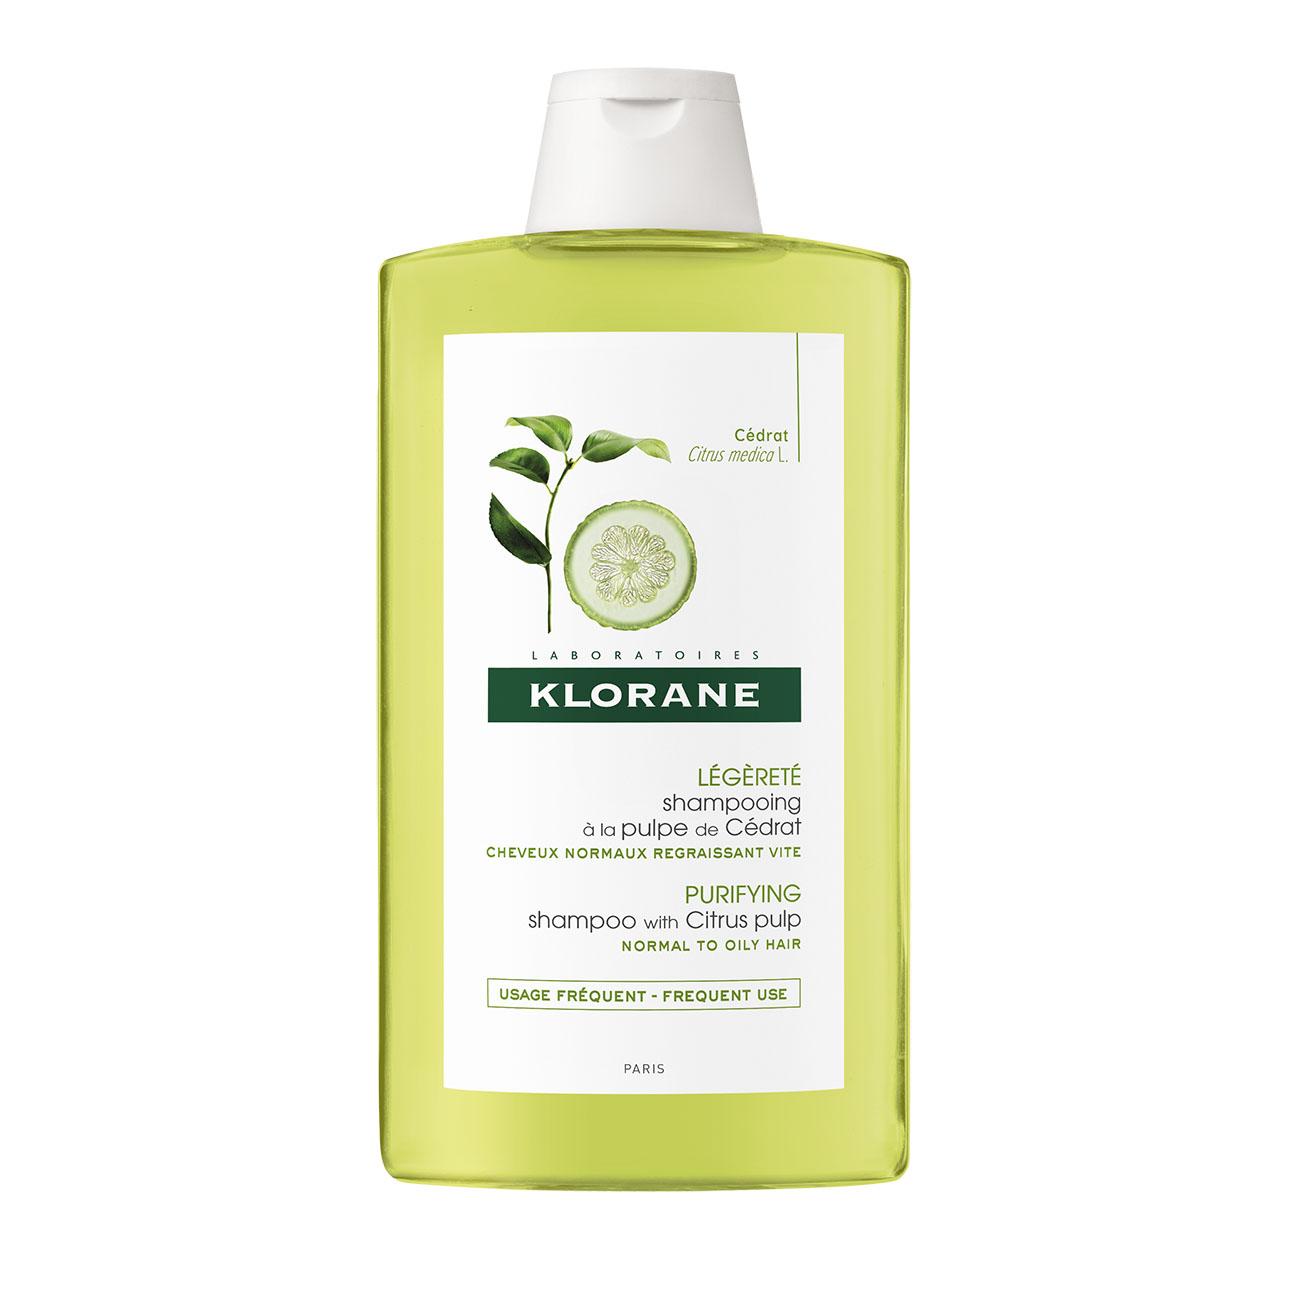 Купить Klorane Тонизирующий шампунь с мякотью цитрона для блеска волос 400 мл (Klorane, Dull Hair), Франция